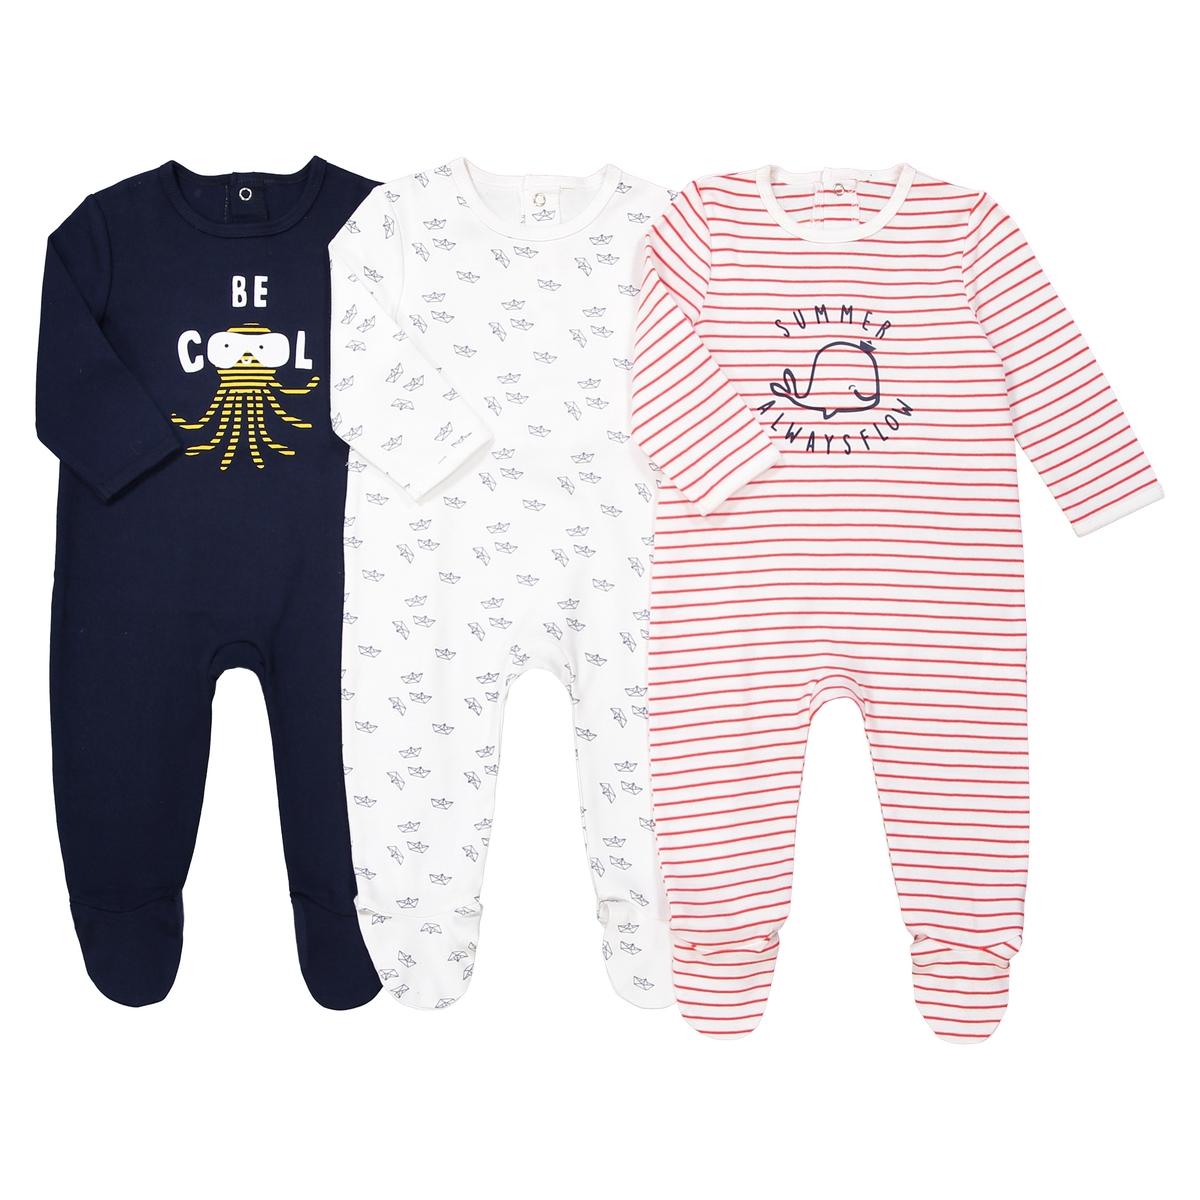 Комплект из 3 пижам хлопковых 0 -3 летОписание:3 пижамы с длинными рукавами, с носочками и с красивыми рисунками на морскую тематику  : симпатичные пижамы с забавным рисунком маленькие осьминоги, рисунком в полоску и мелким принтом  : очень стильные ! Состав и описание :Комплект из 3 пижам 0 мес - 3 лет  с длинными рукавами и круглым вырезом .Застежка на кнопки сзади.Носочки с противоскользящим эффектом от 12 мес (74 см)1 пижама с рисунком посередине, 1 пижама в полоску с рисунком,1 с мелким принтом осьминог .  •  Состав :1% хлопок Уход : • Стирать при 40° с вещами подобного цвета  •  Гладить и сушить на низкой температуре<br><br>Цвет: разноцветный<br>Размер: 18 мес. - 81 см.1 год - 74 см.3 года - 94 см.9 мес. - 71 см.2 года - 86 см.6 мес. - 67 см.3 мес. - 60 см.1 мес. - 54 см